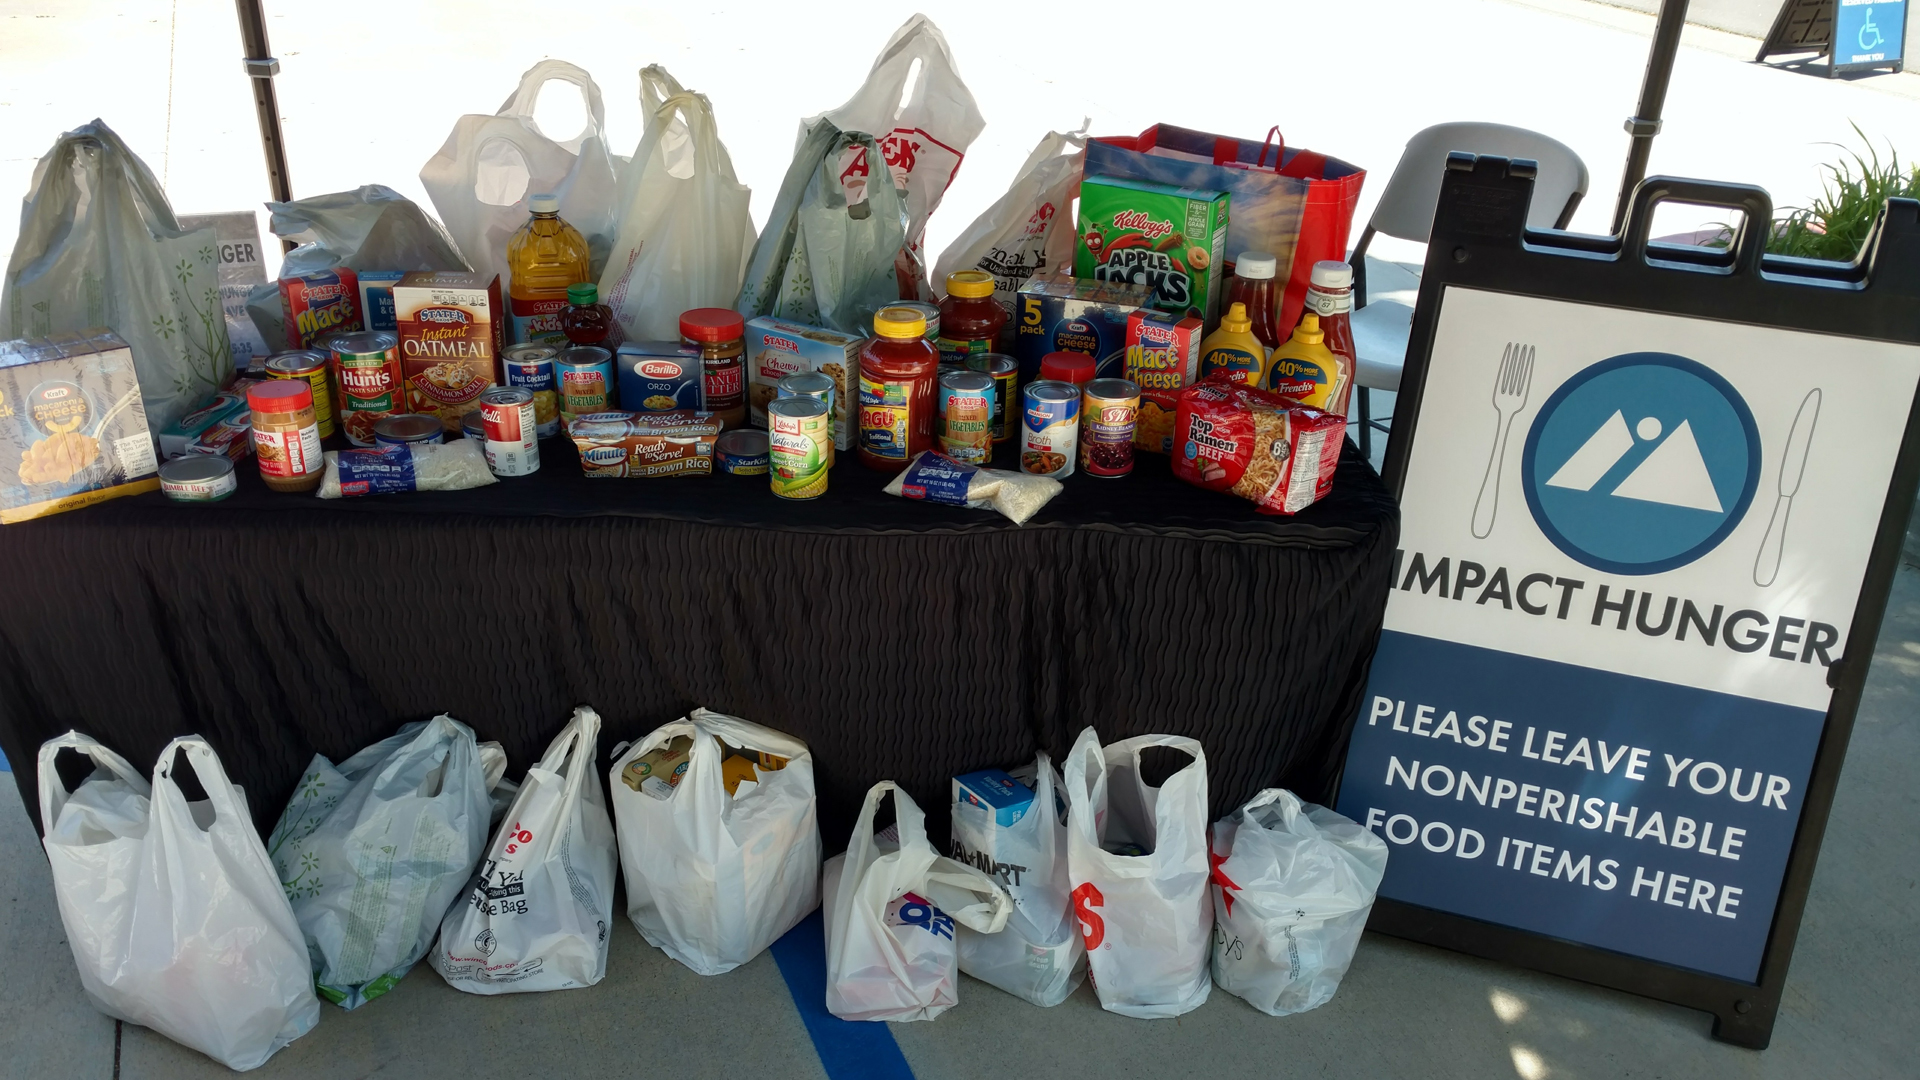 05-27-18 Impact Hunger.jpg